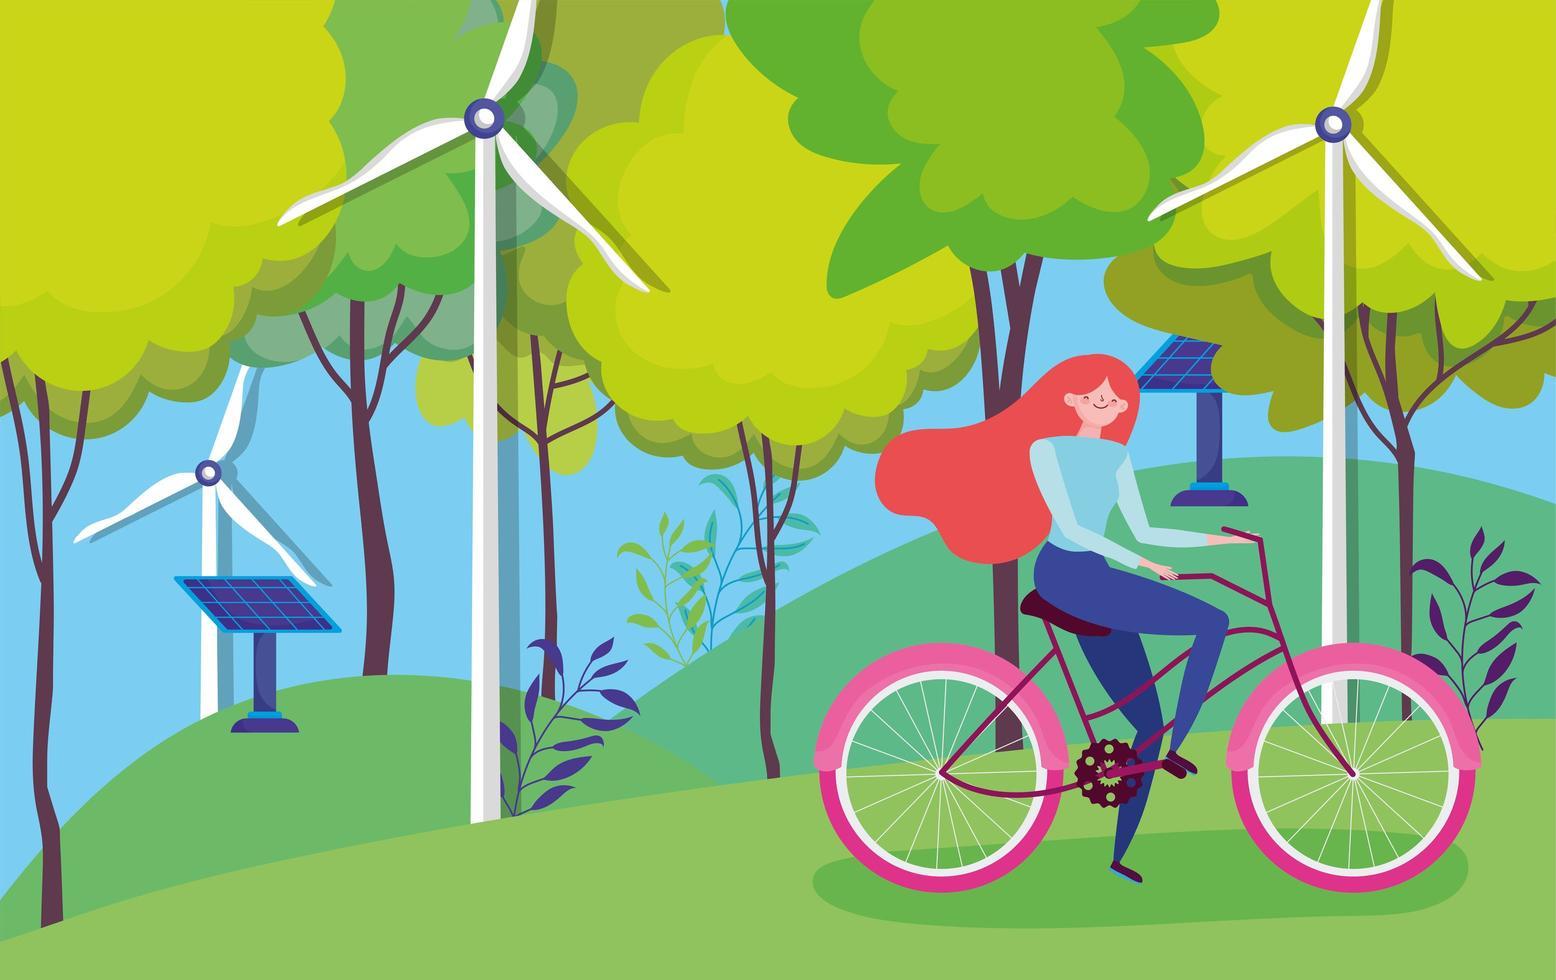 Woman riding a bike par des éoliennes et des panneaux solaires vecteur